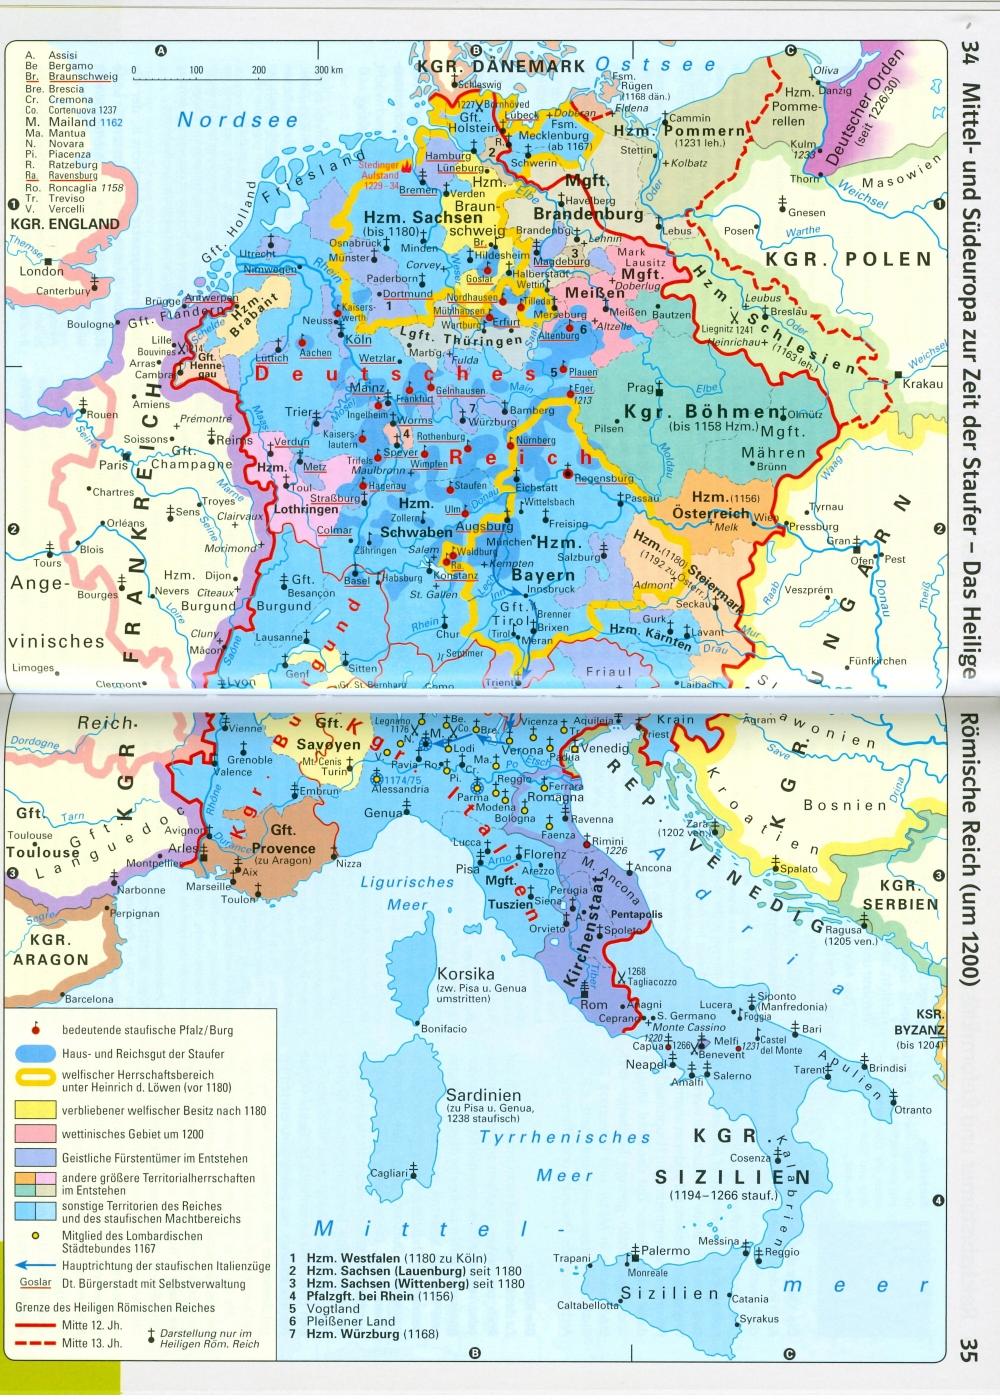 Heilige römische reich deutscher nation